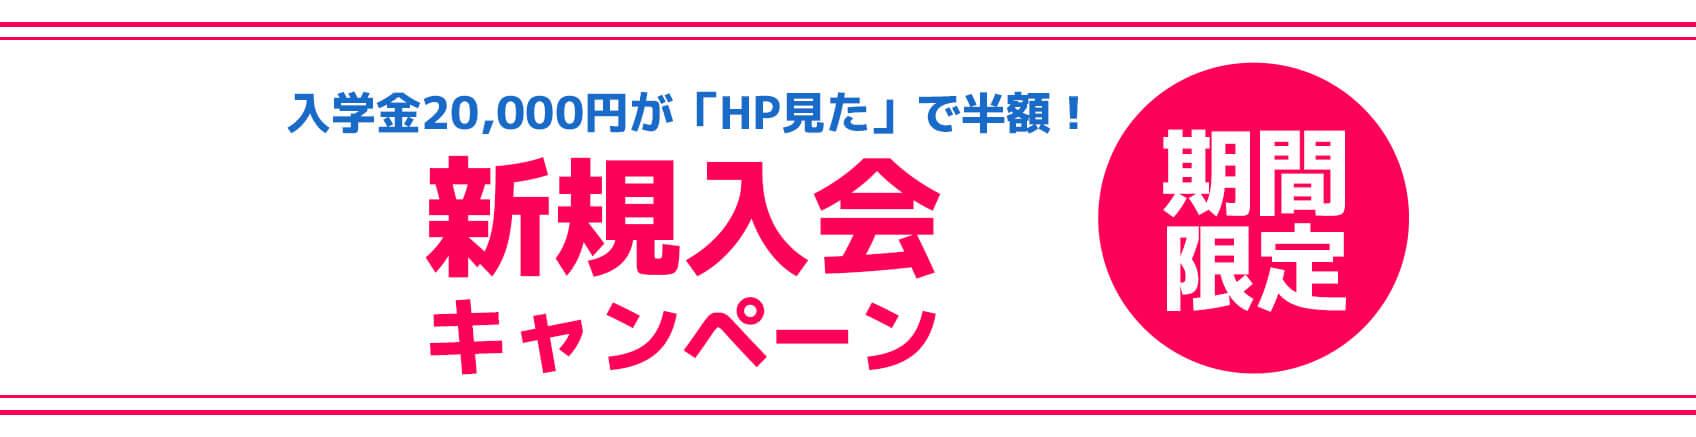 入学金 20,000円→キャンペーン期間につき無料